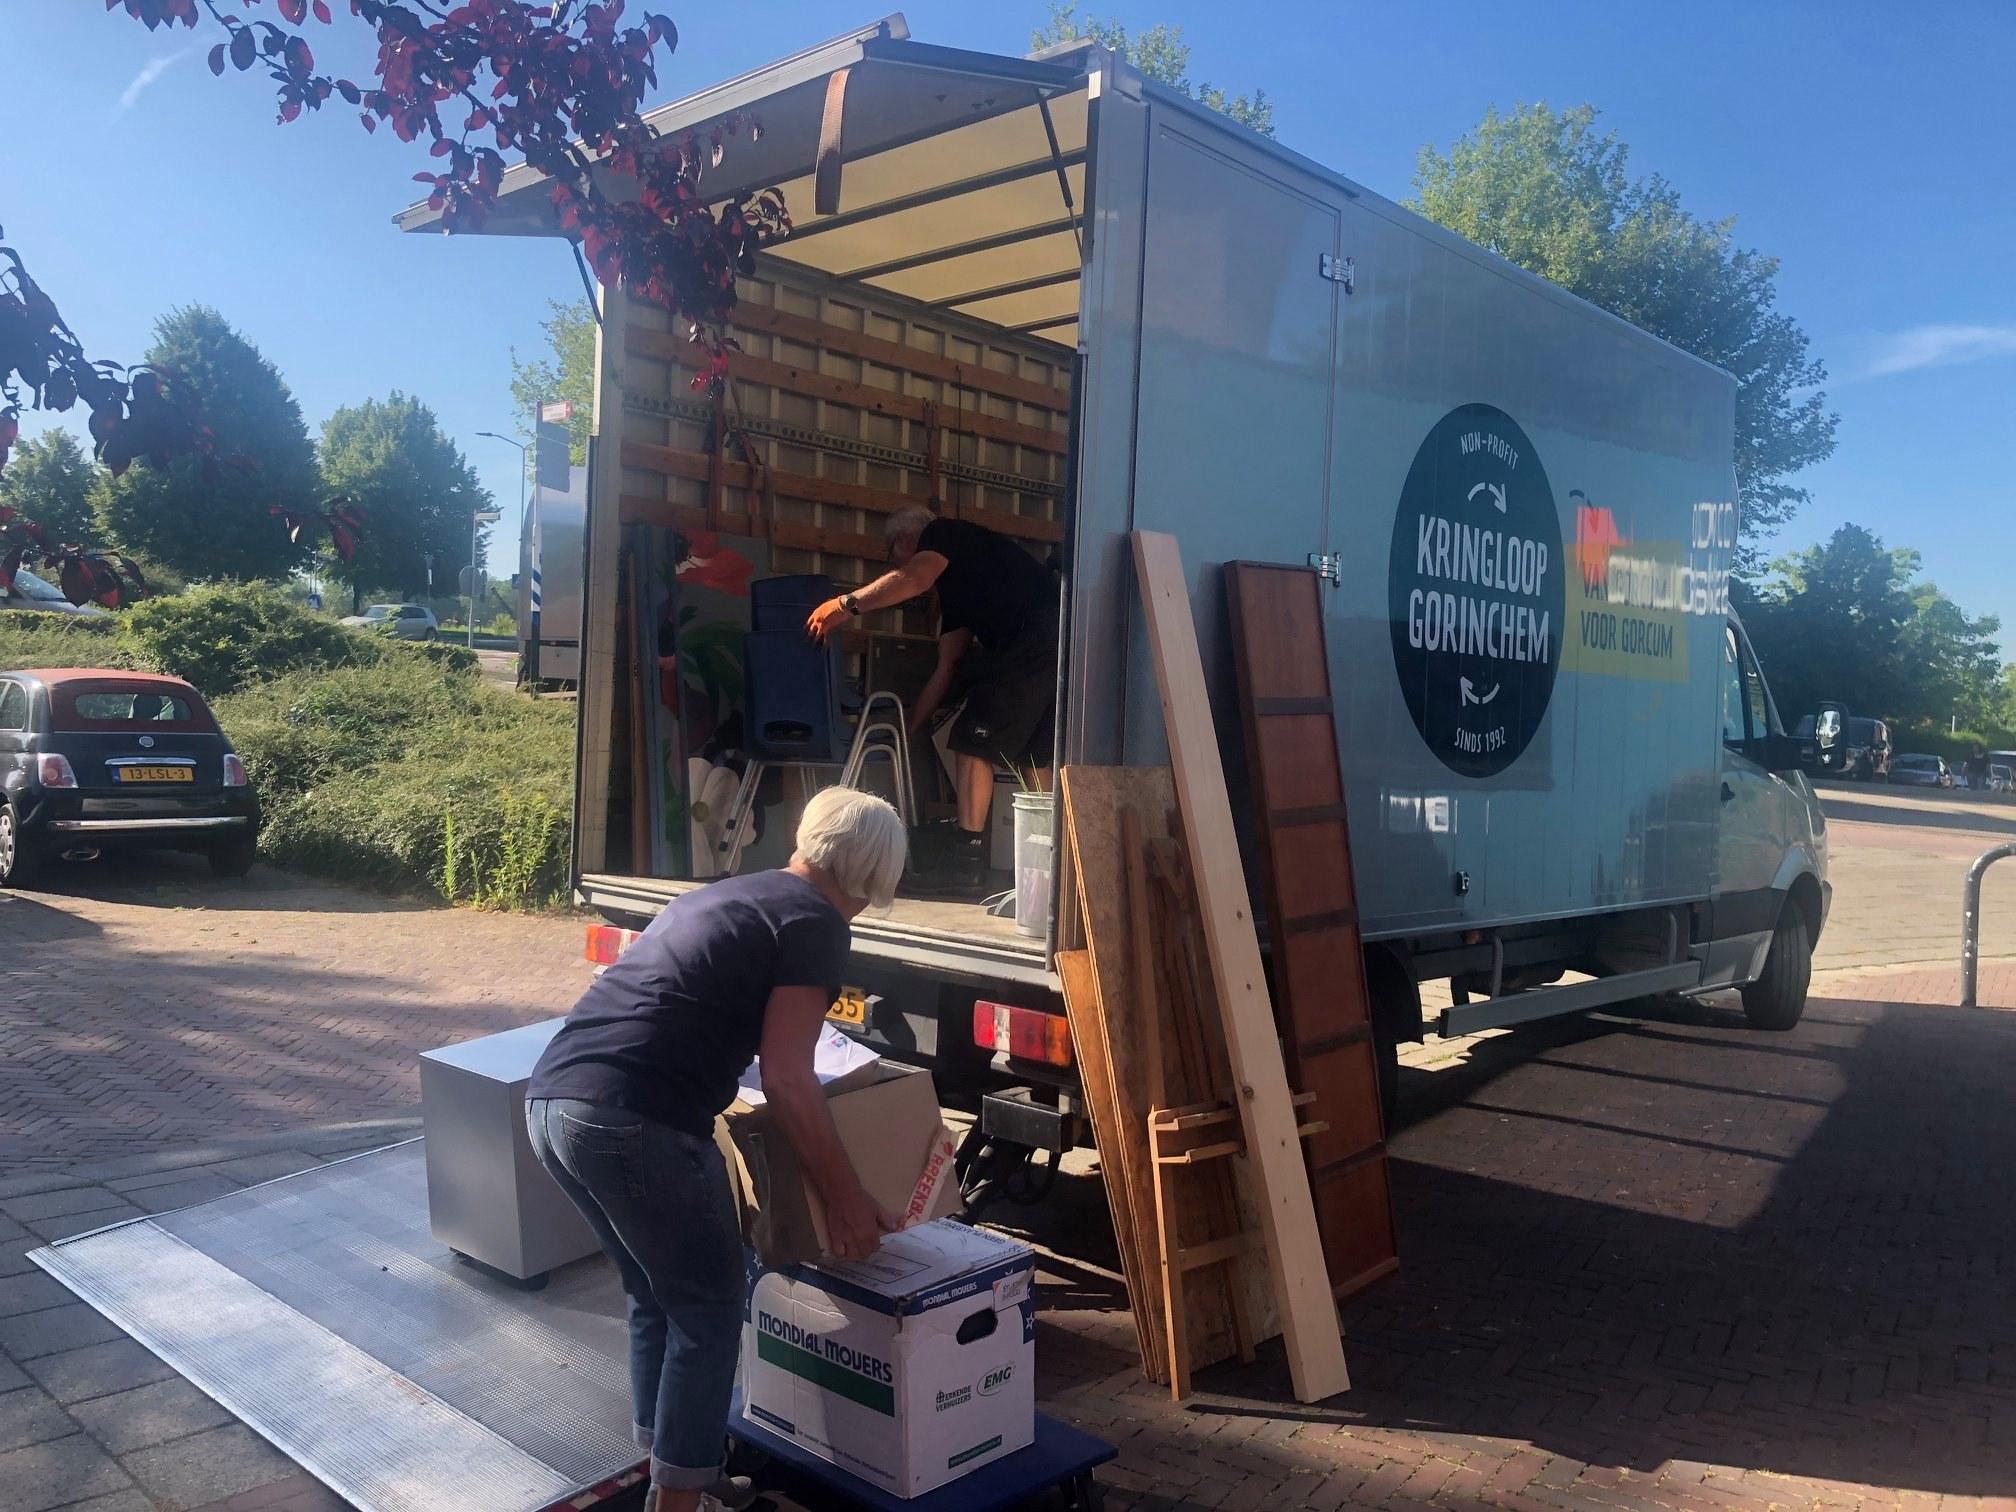 Kringloop Gorinchem verhuisde belangeloos de Blauwe Anemoon